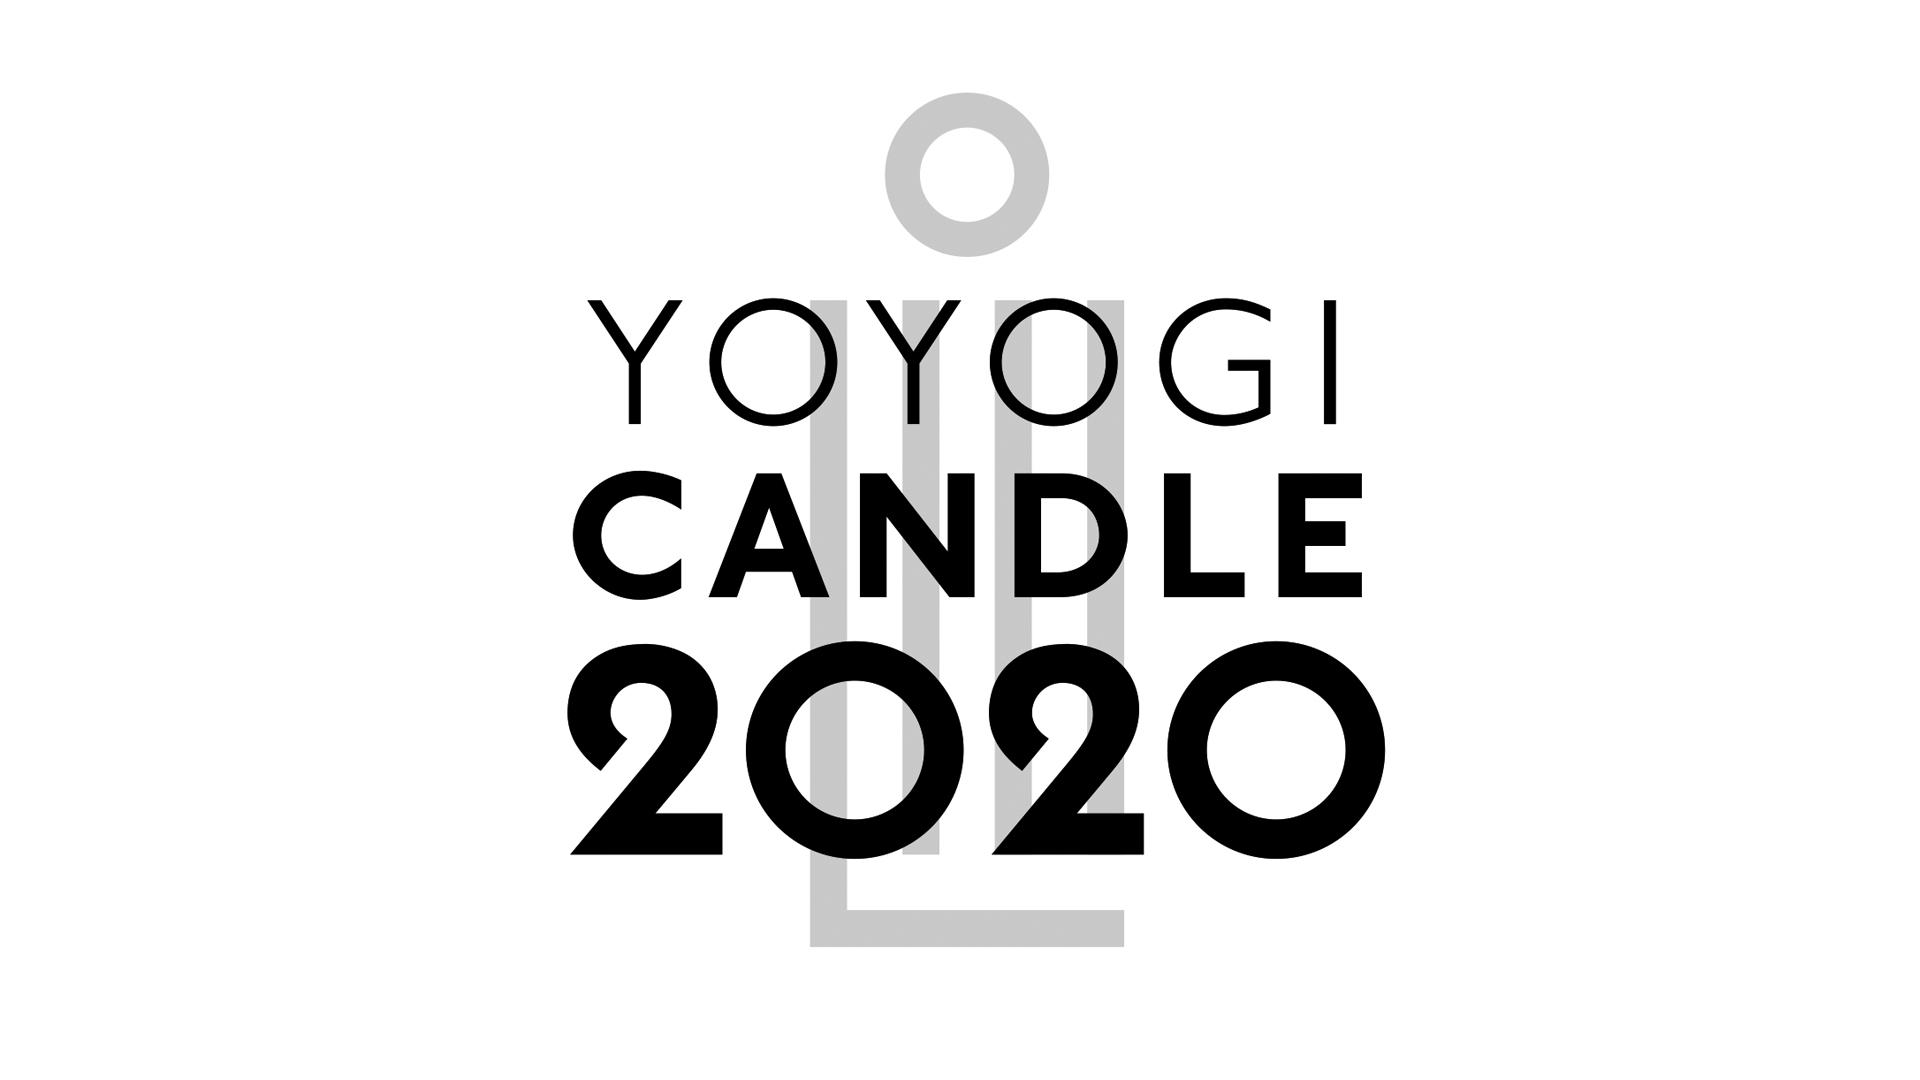 yoyogi_candle_2020_logo_04.jpg